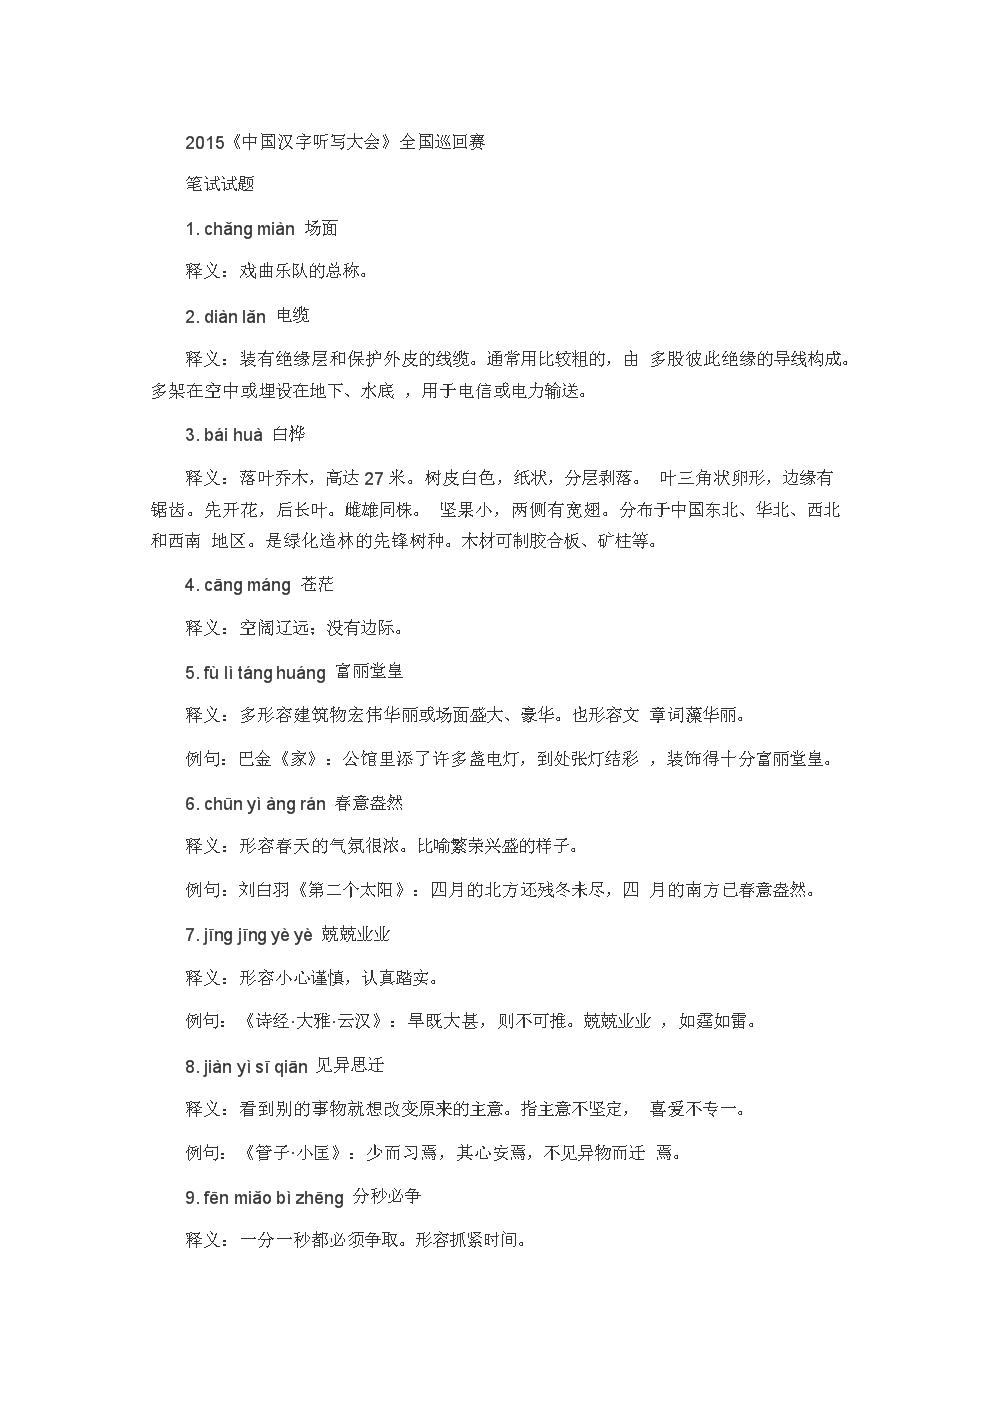 2015小学生汉字听写大赛题库….doc